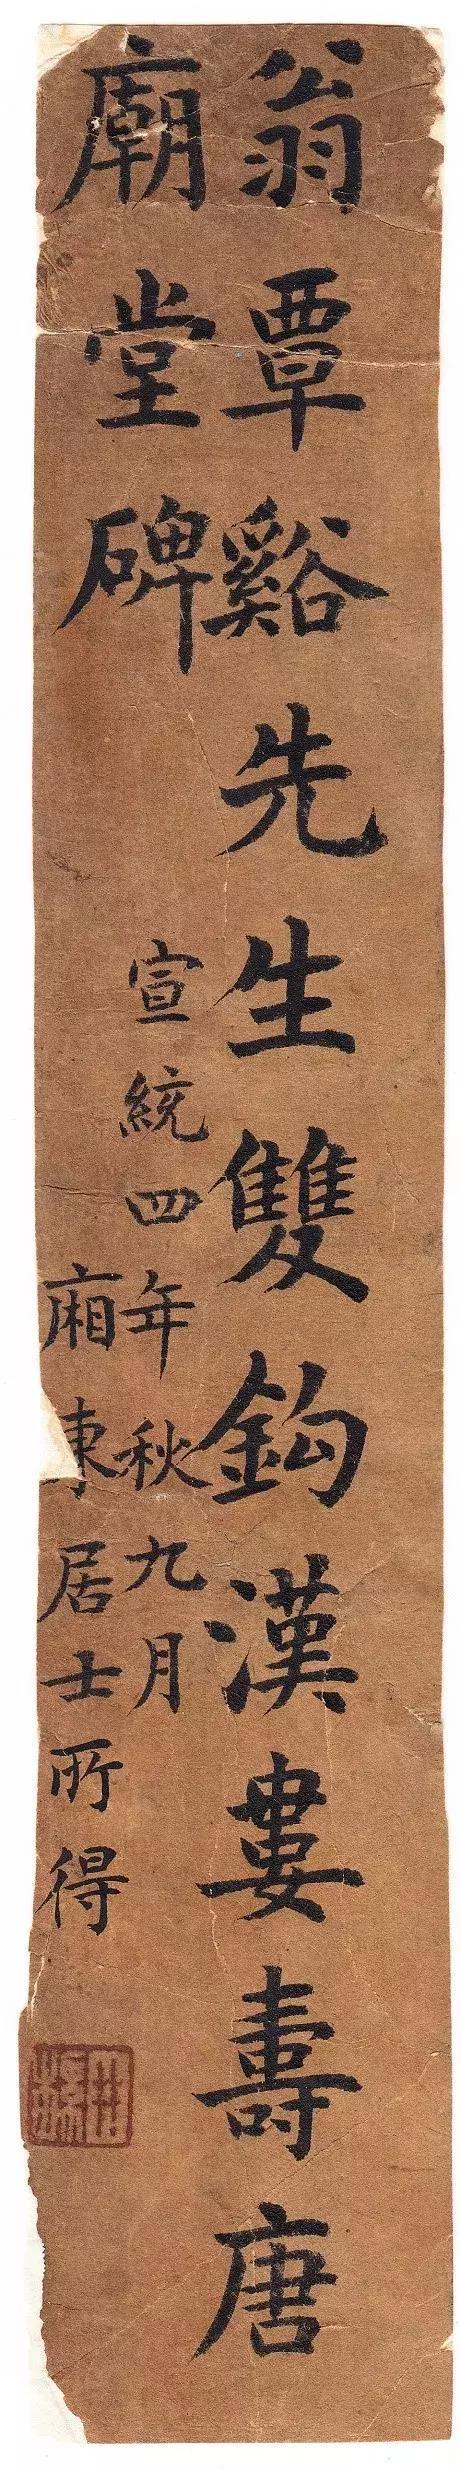 丘打包古风签素材【包括背景、人物、字体、边框、花纹、诗词等】